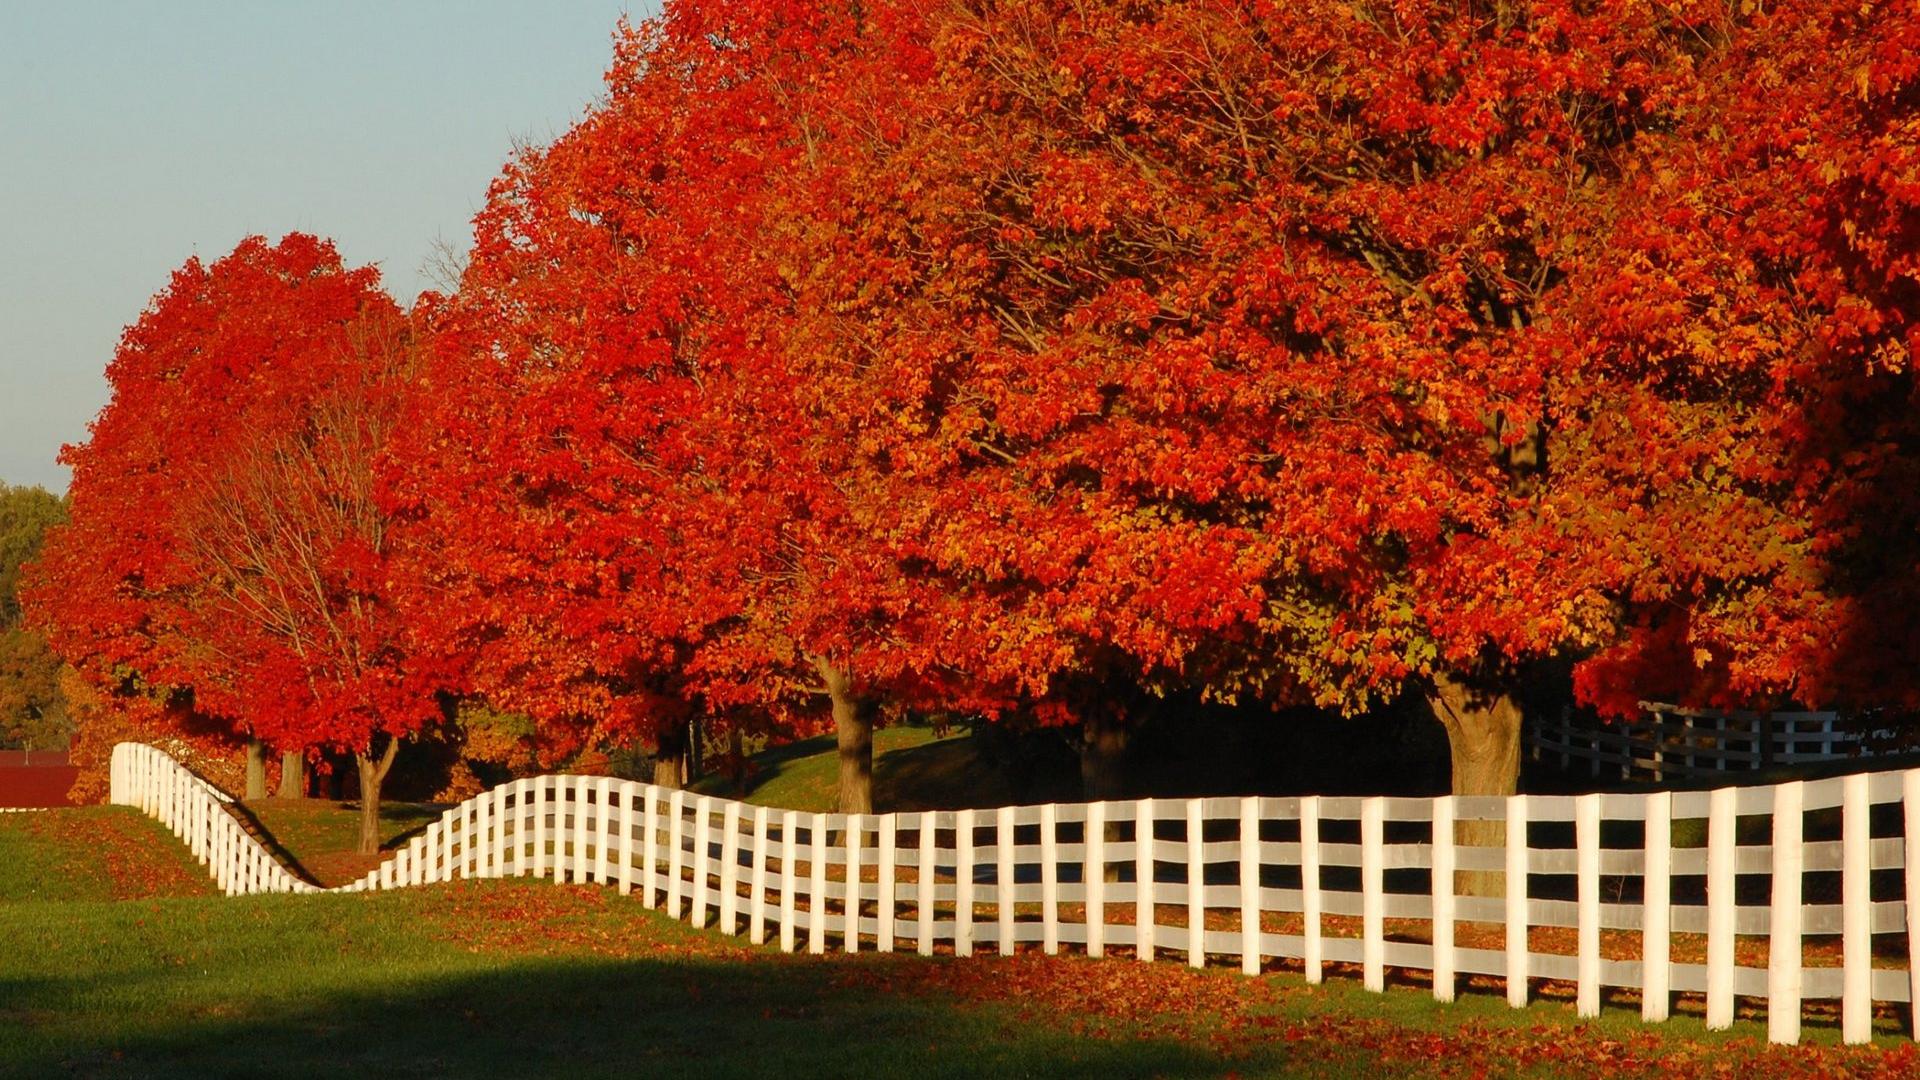 Hình nền mùa thu Autumn78